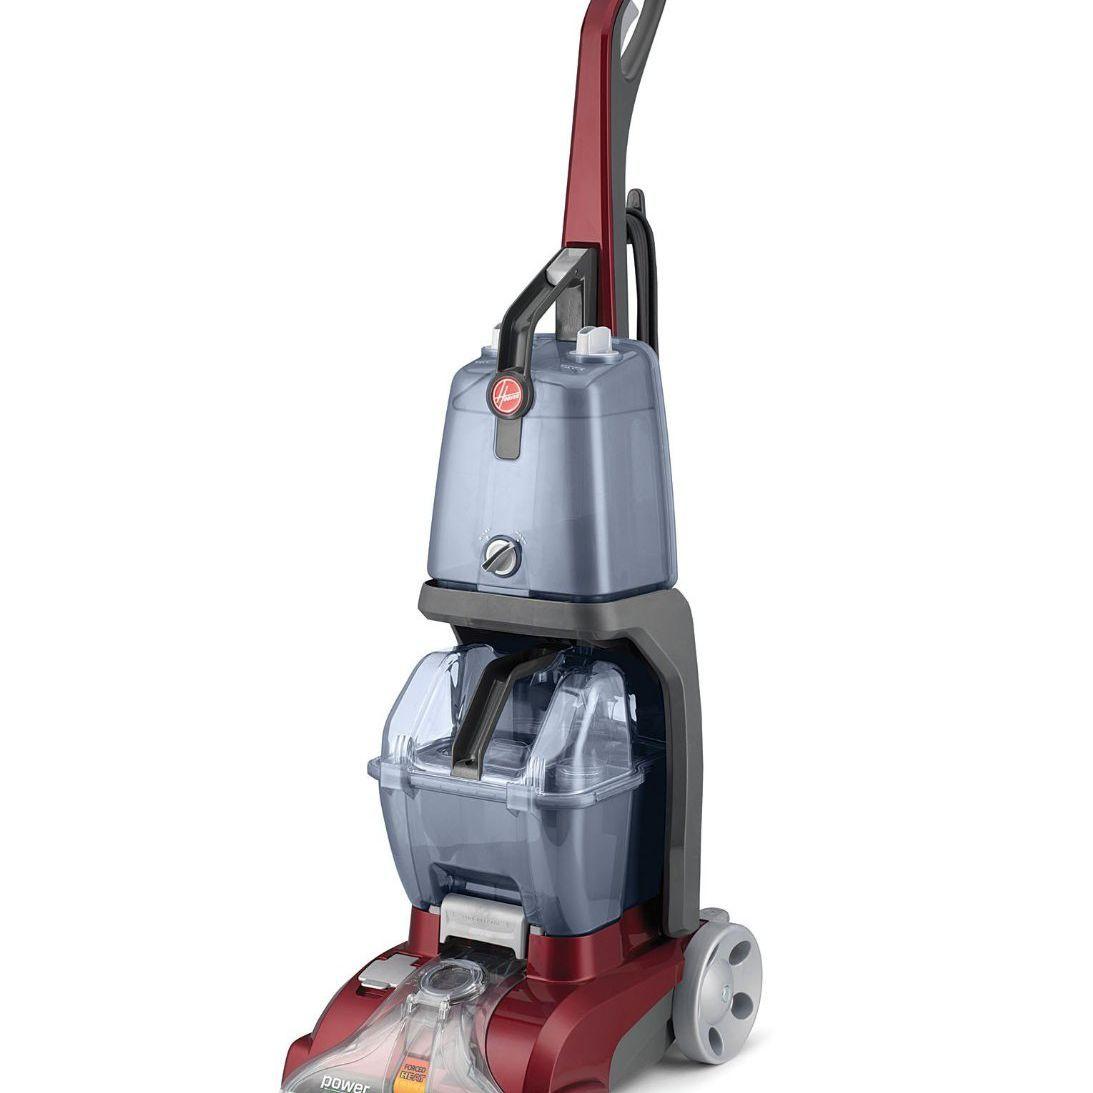 Hoover fh50150 carpet basics power scrub deluxe cleaner